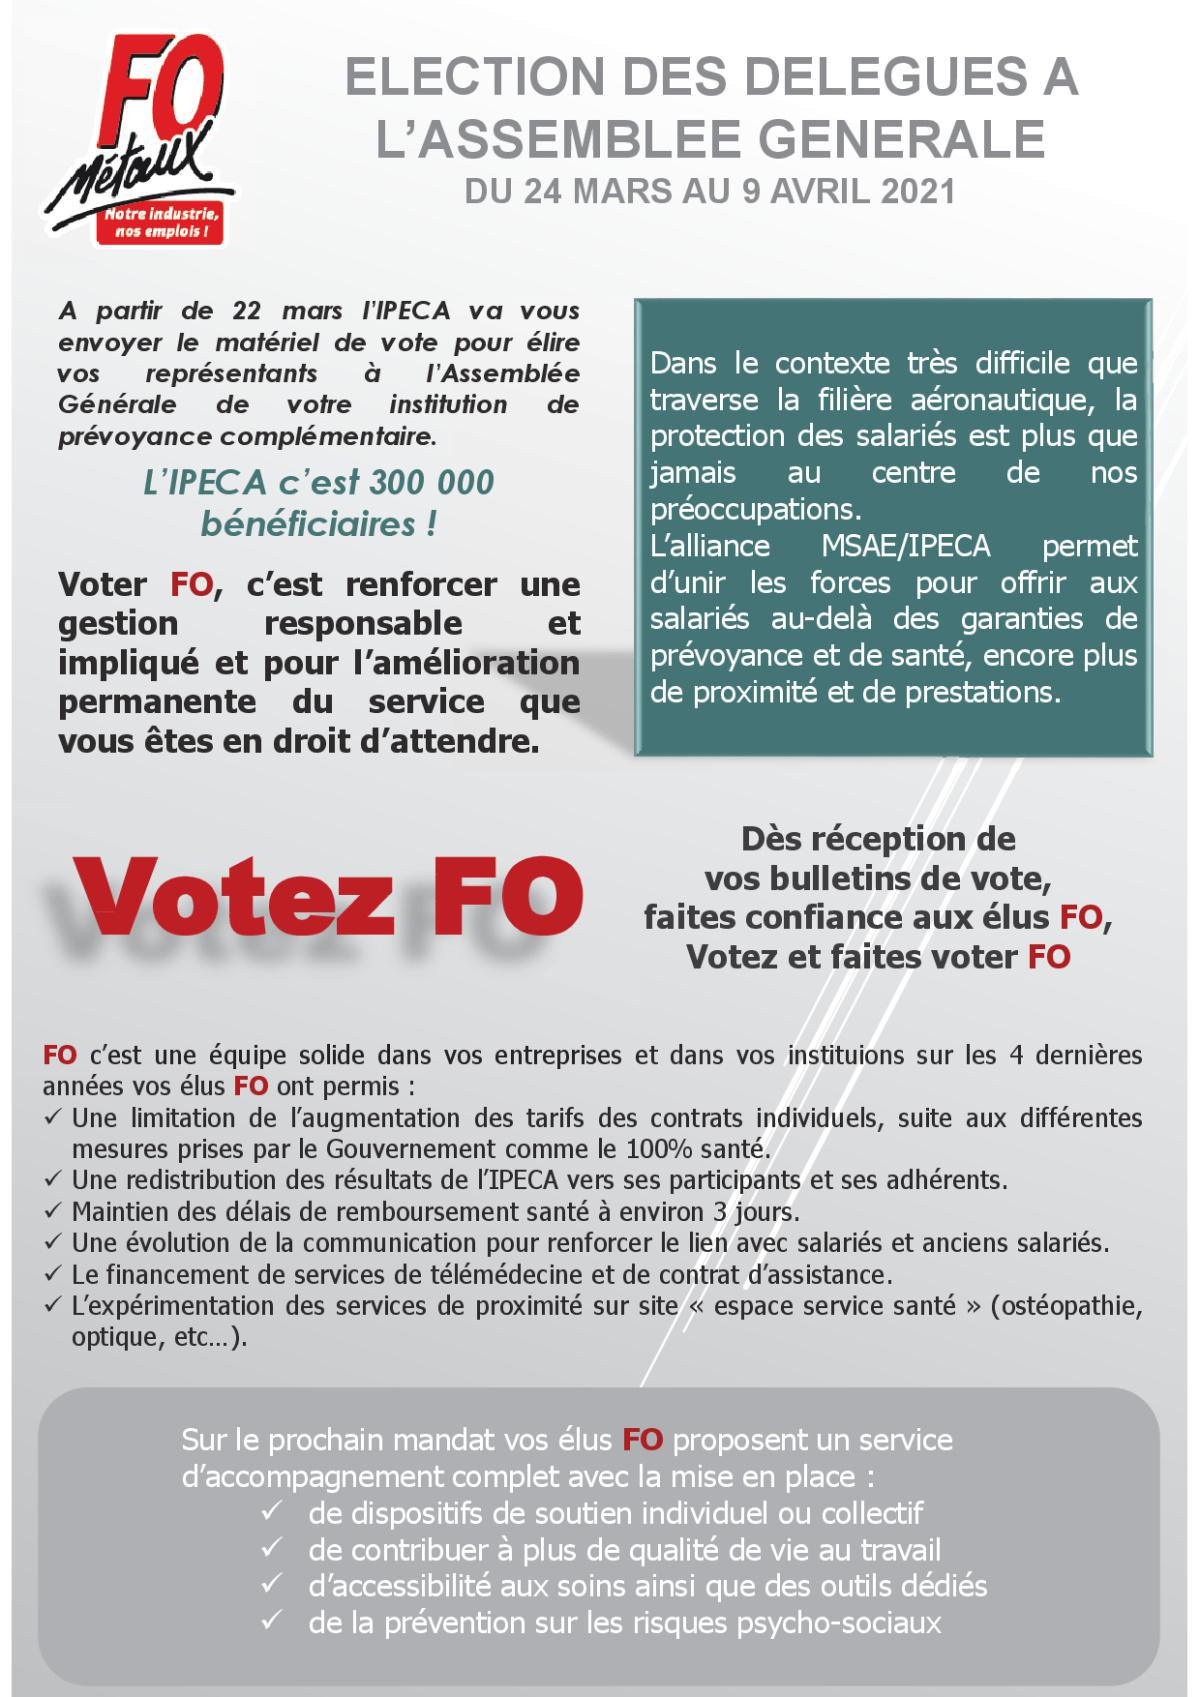 IPECA : Election des délégués à l'Assemblée Générale